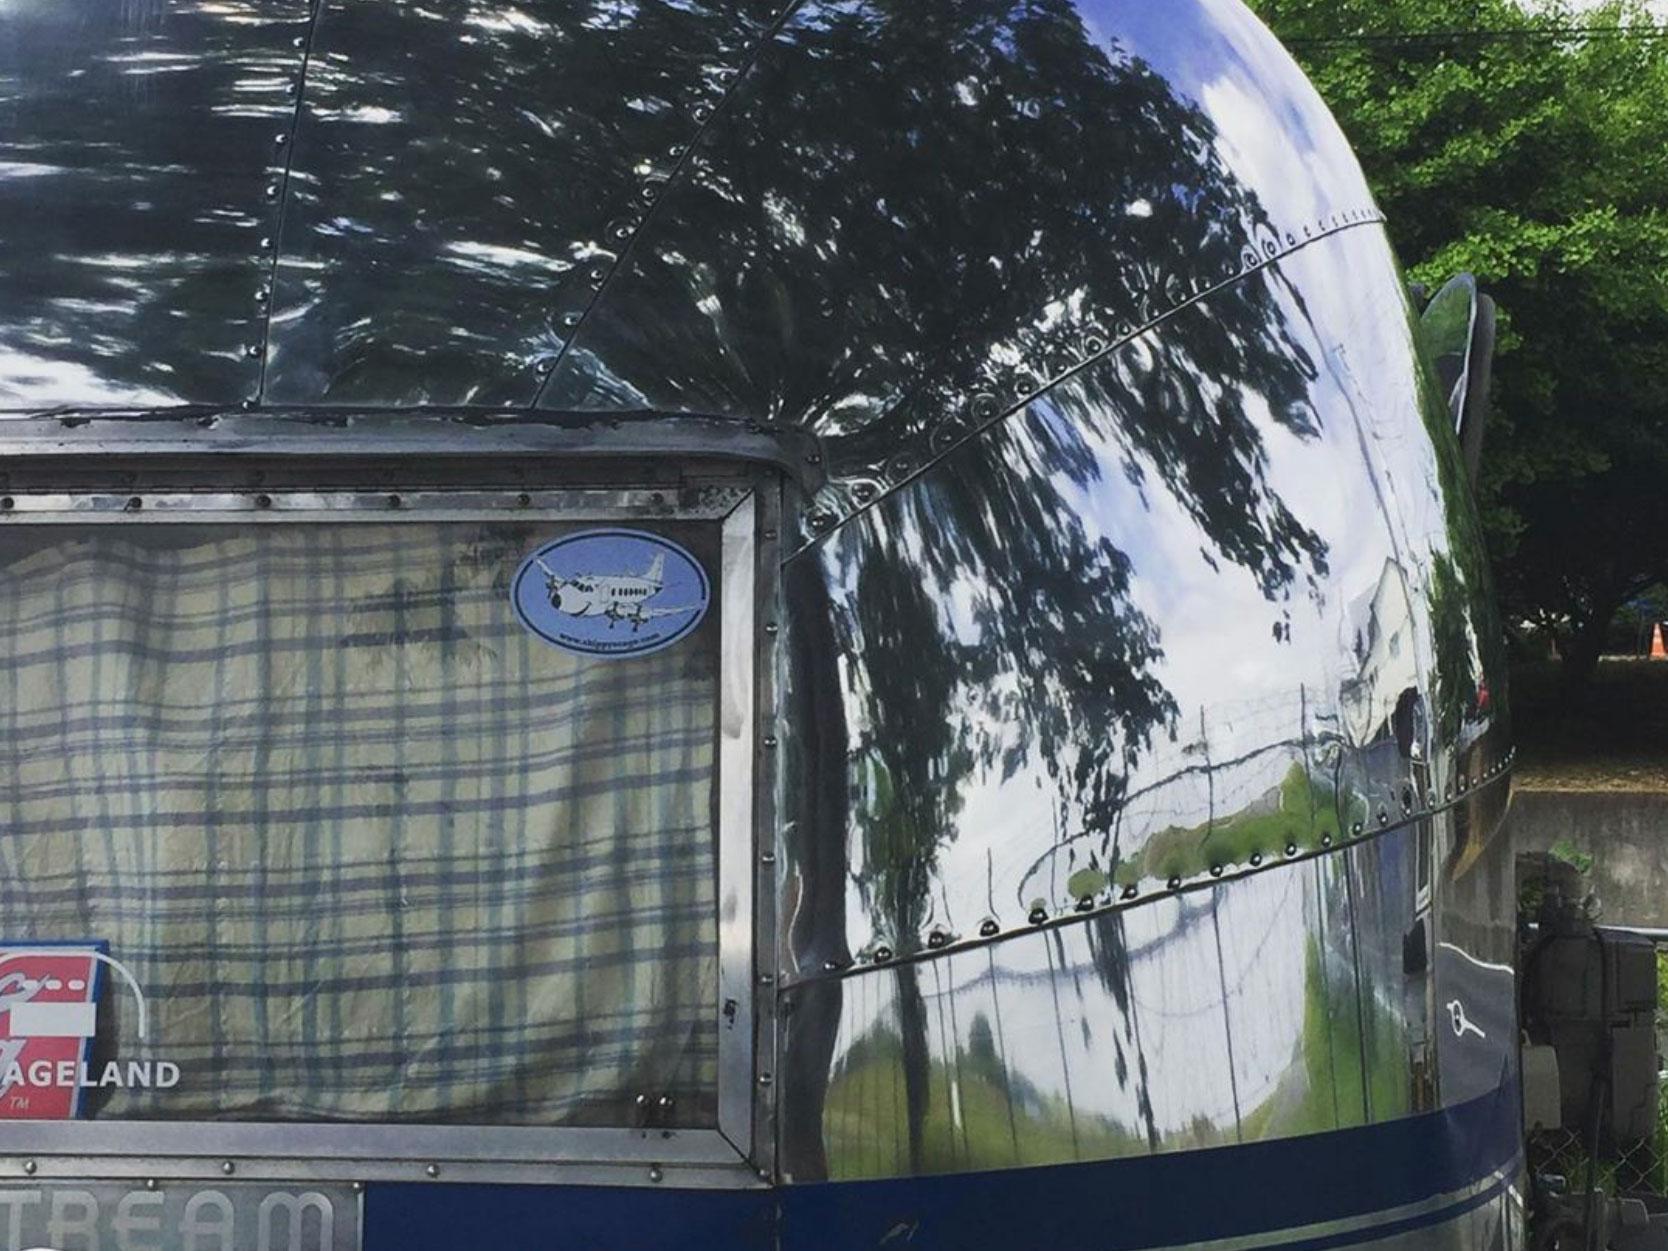 株式会社ガレージランド エアストリーム 輸入販売 在庫車 ヴィンテージ 埼玉県